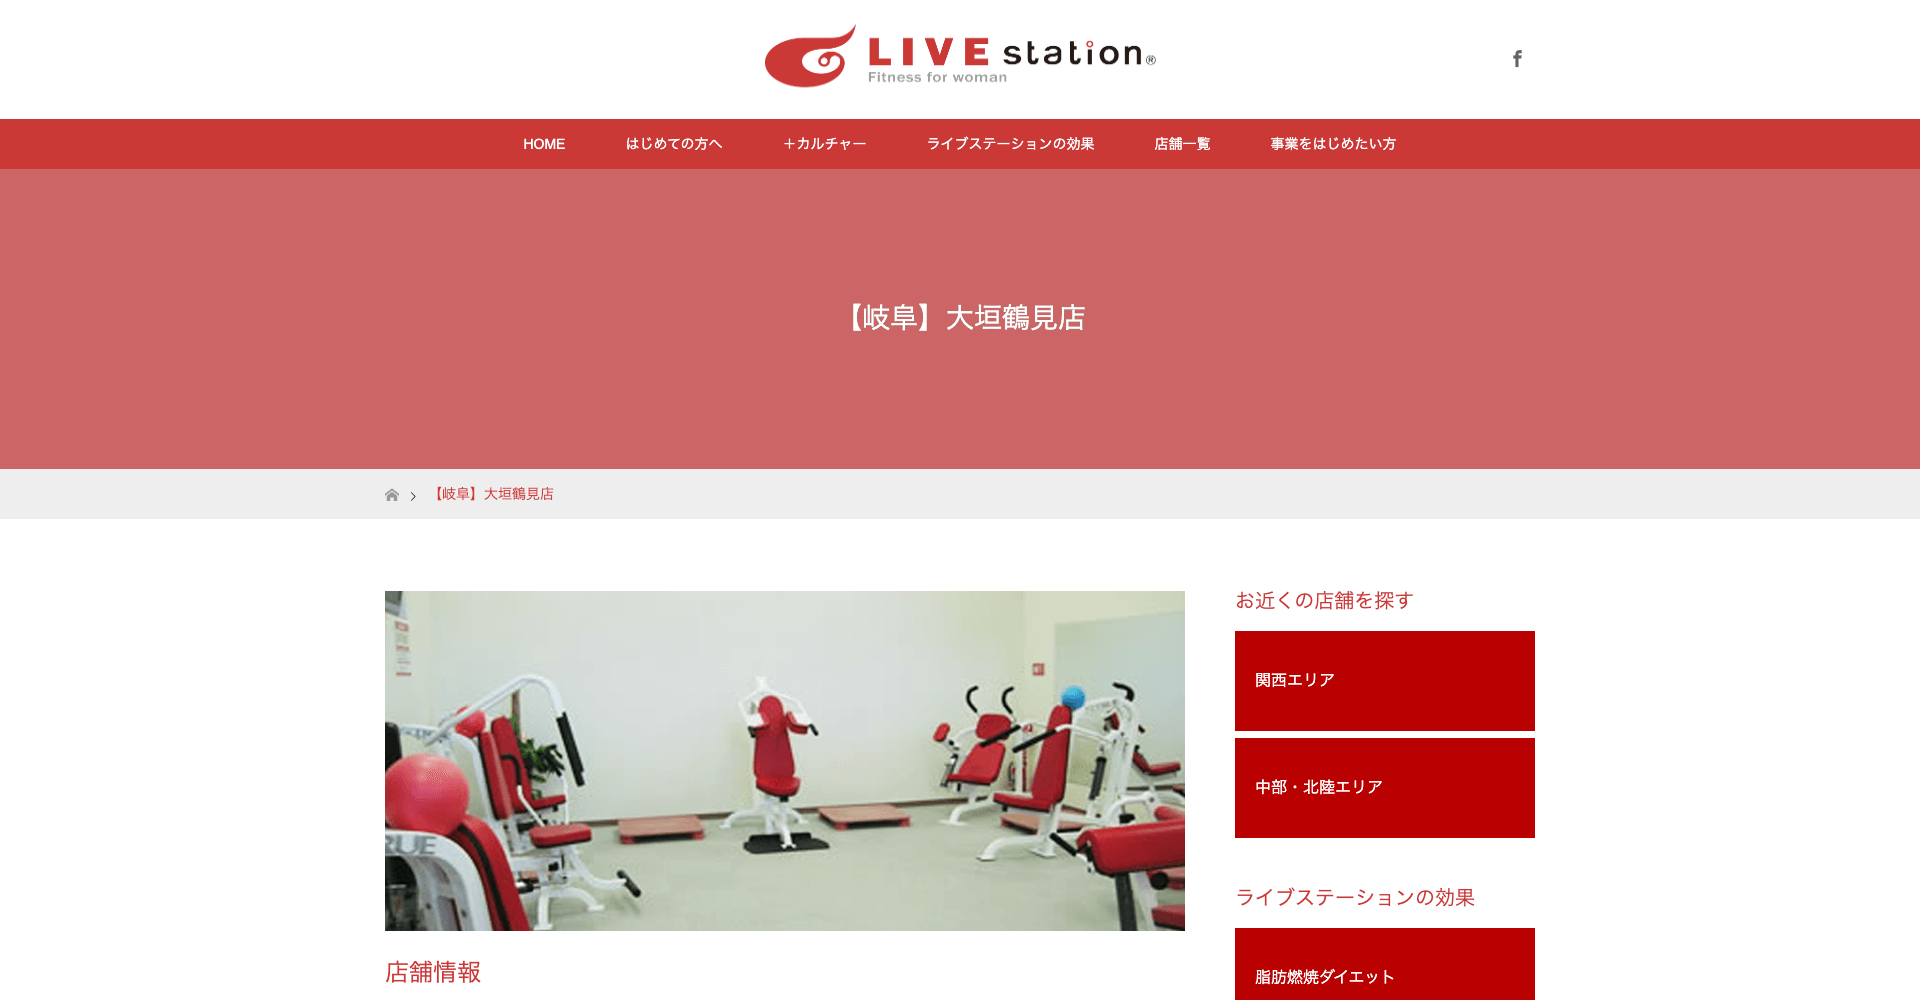 ライブステーション大垣鶴見店